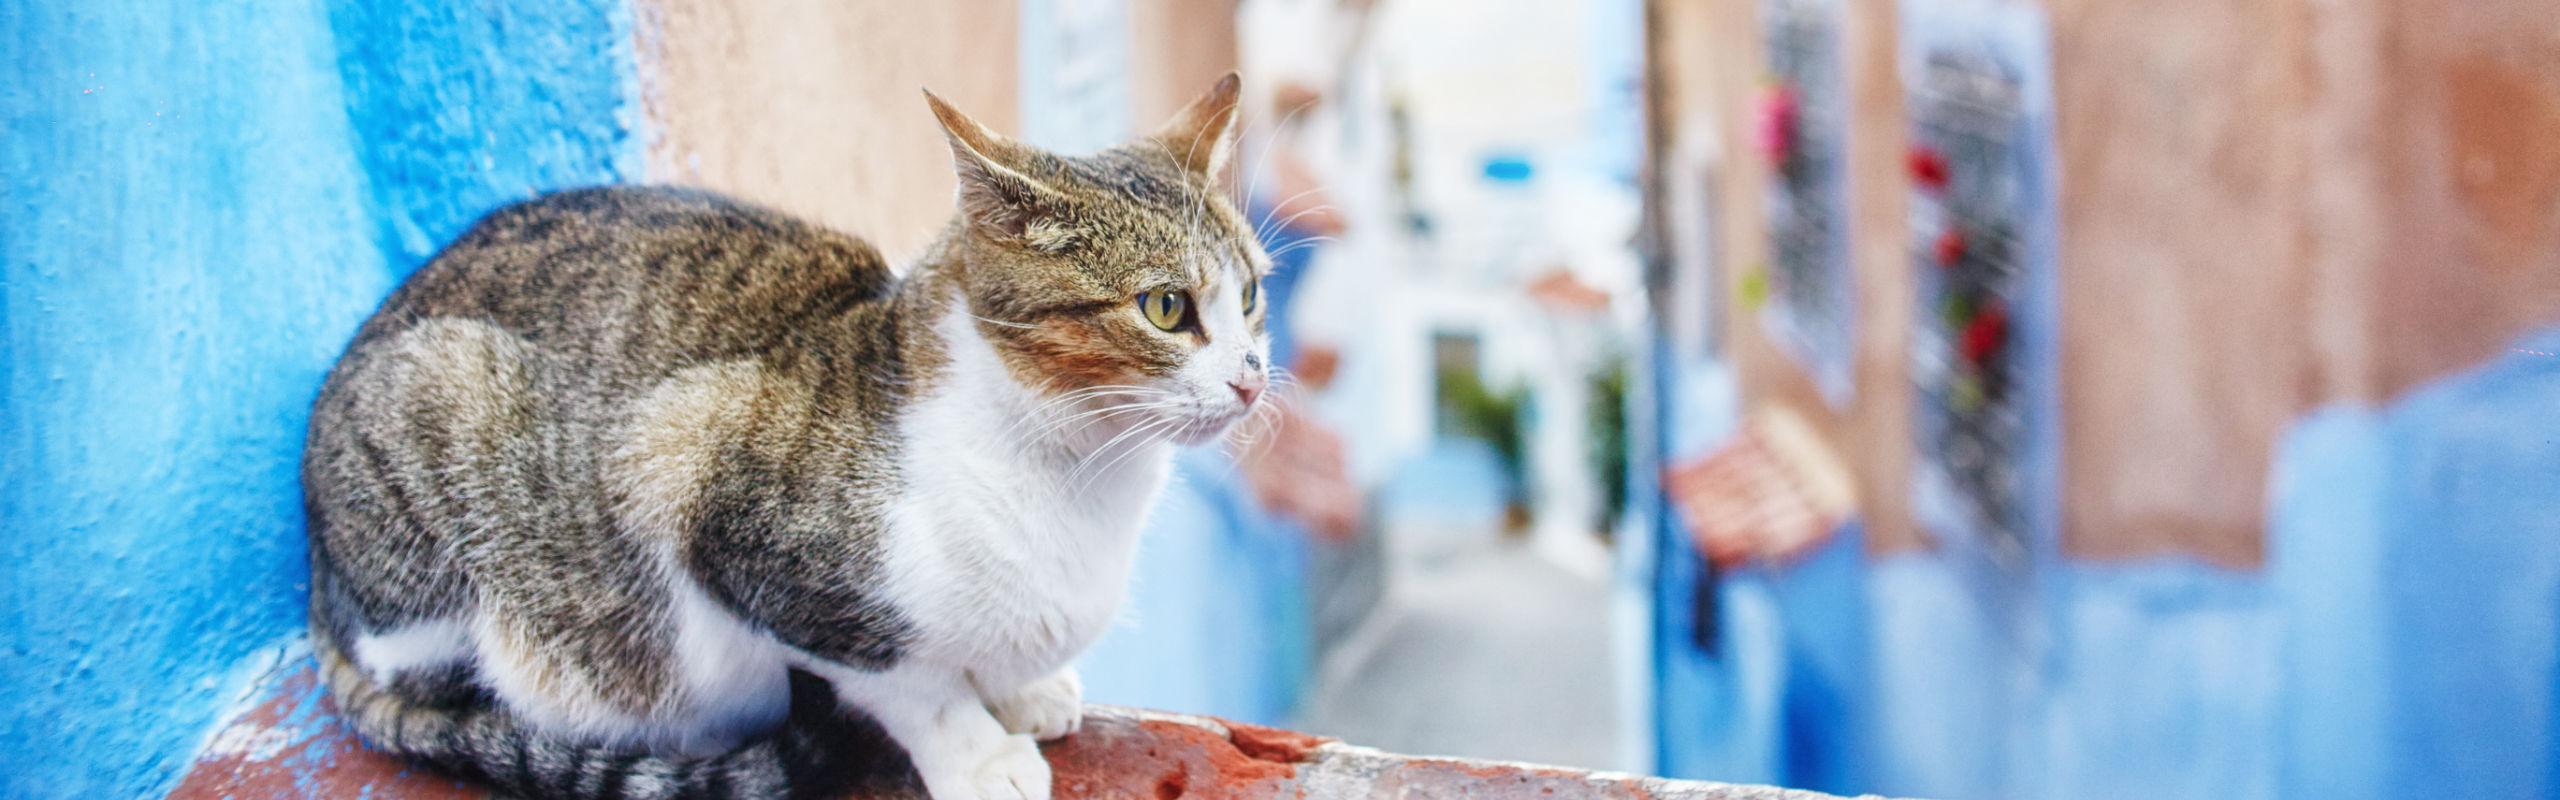 Per le adozioni dei gatti: